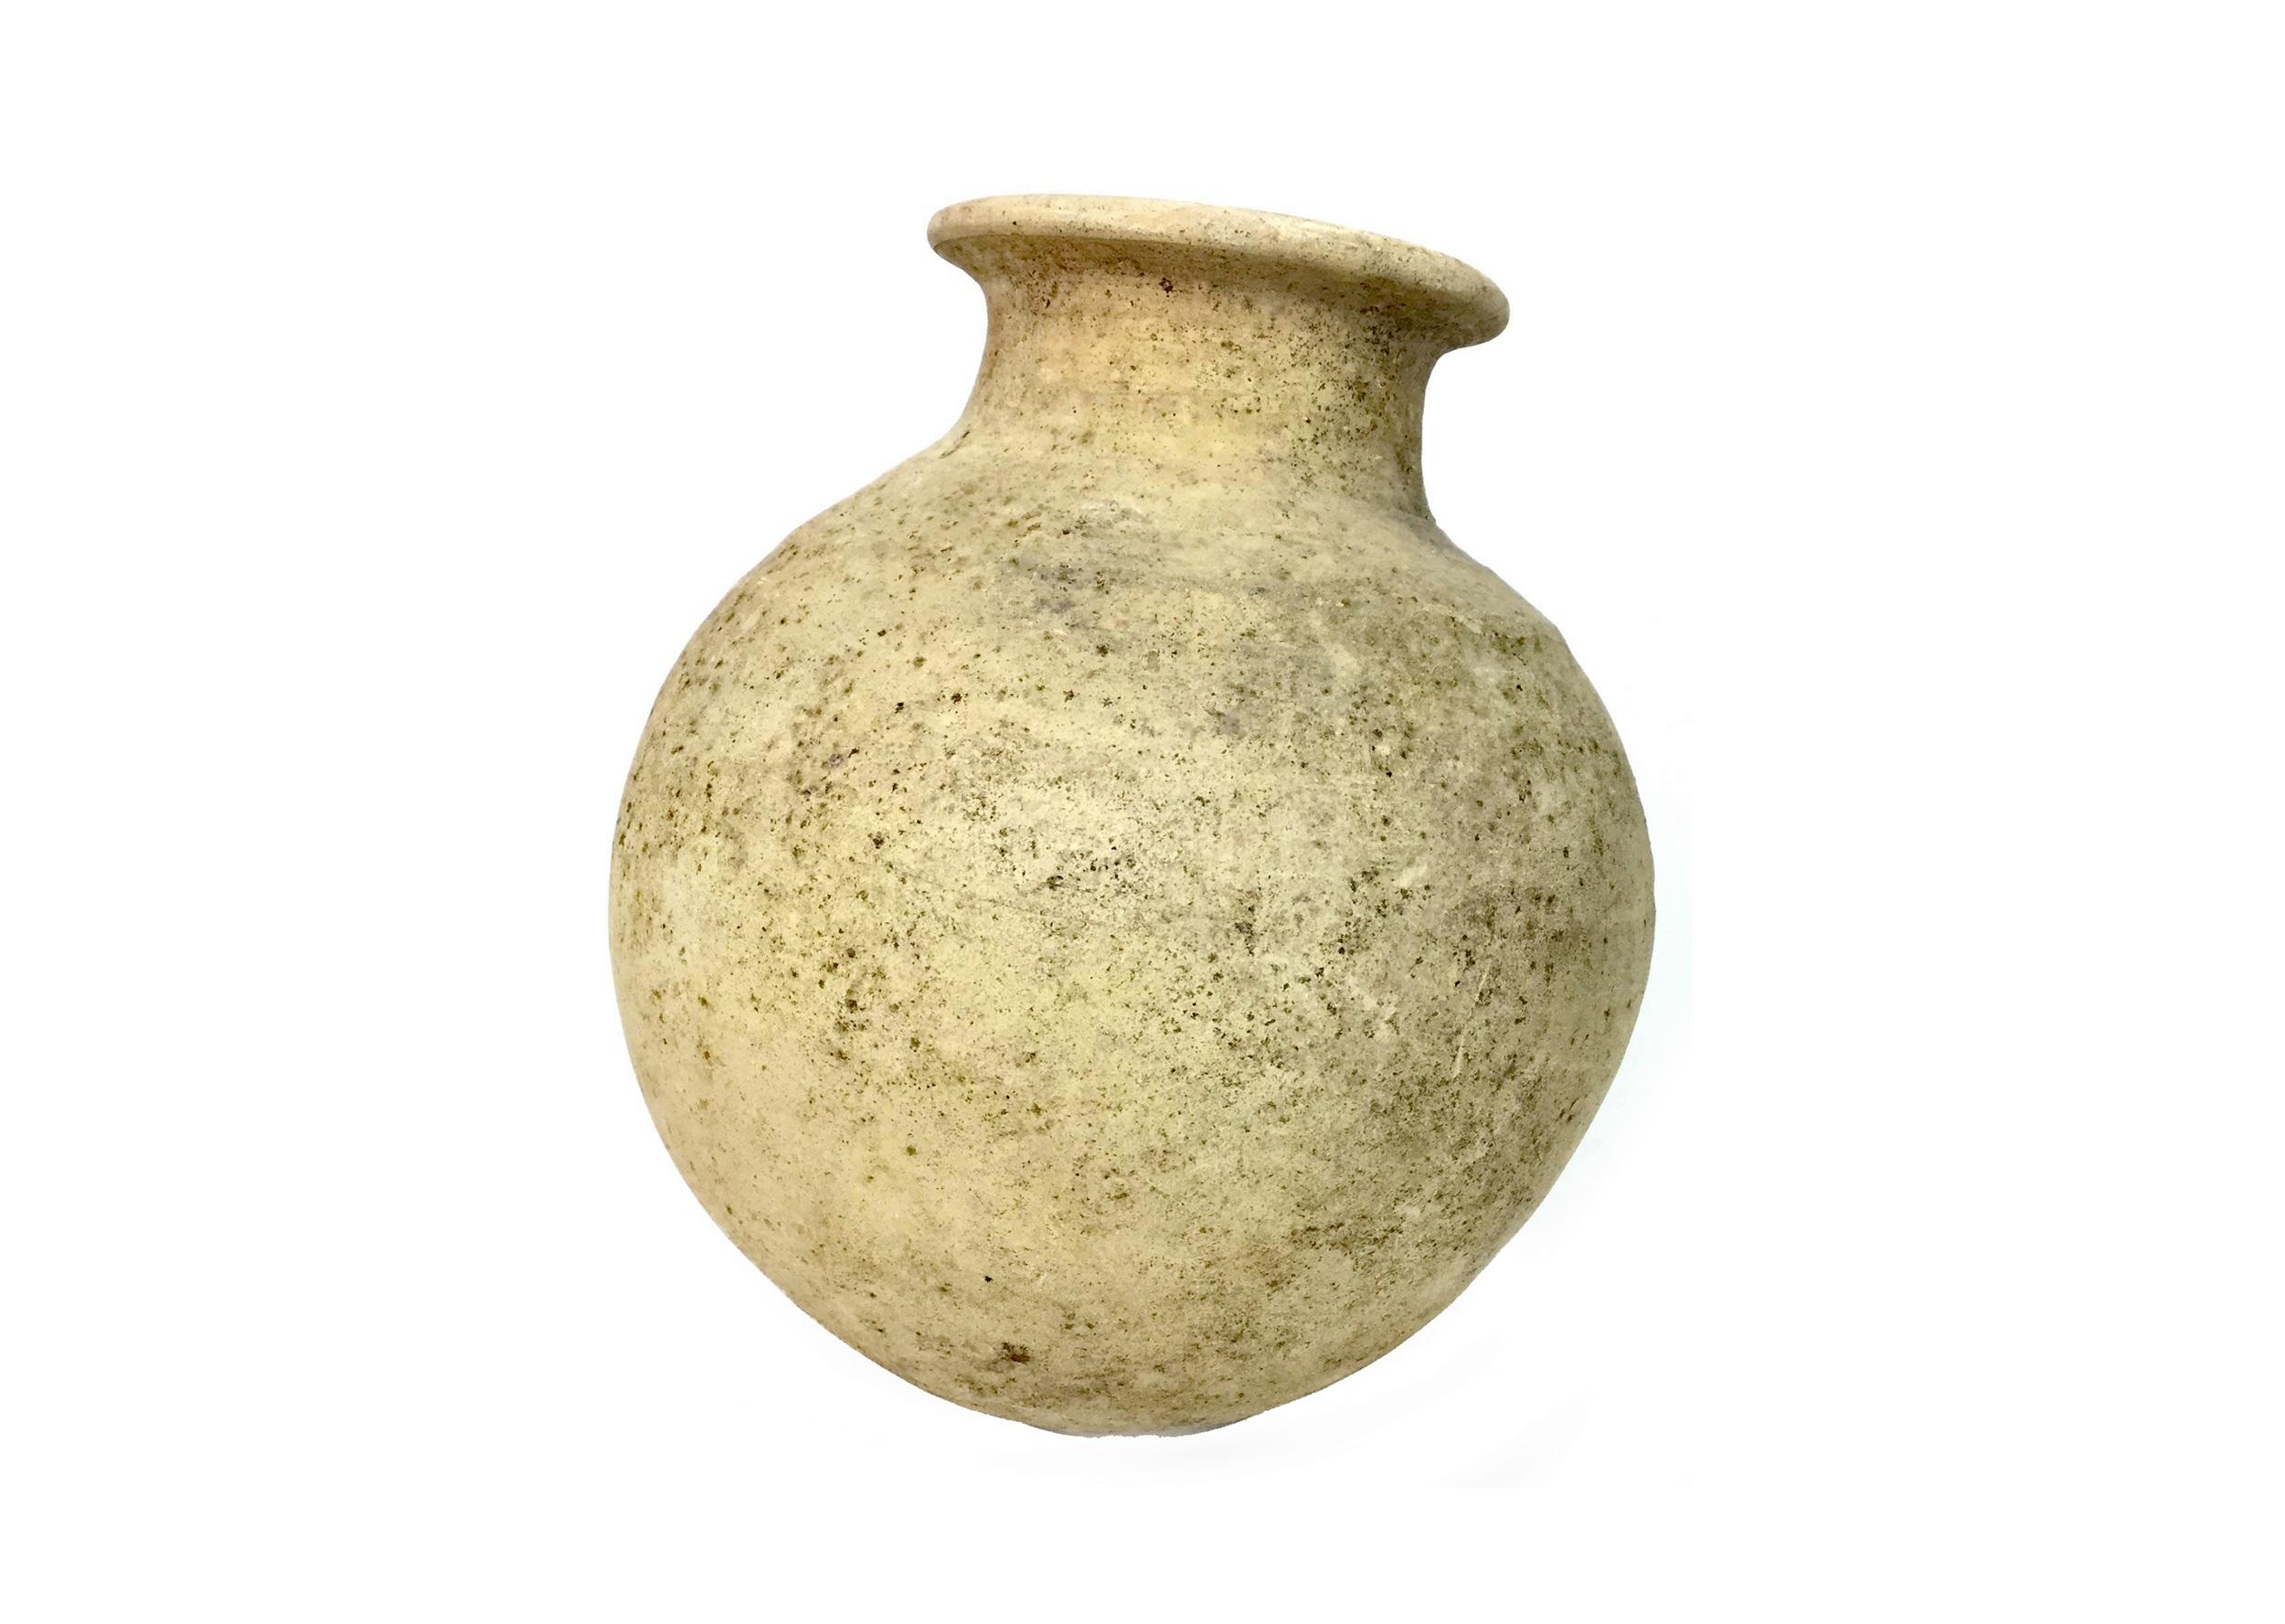 Lot 1018 - A FIRST CENTURY B.C. PERSIAN TERRACOTTA POT